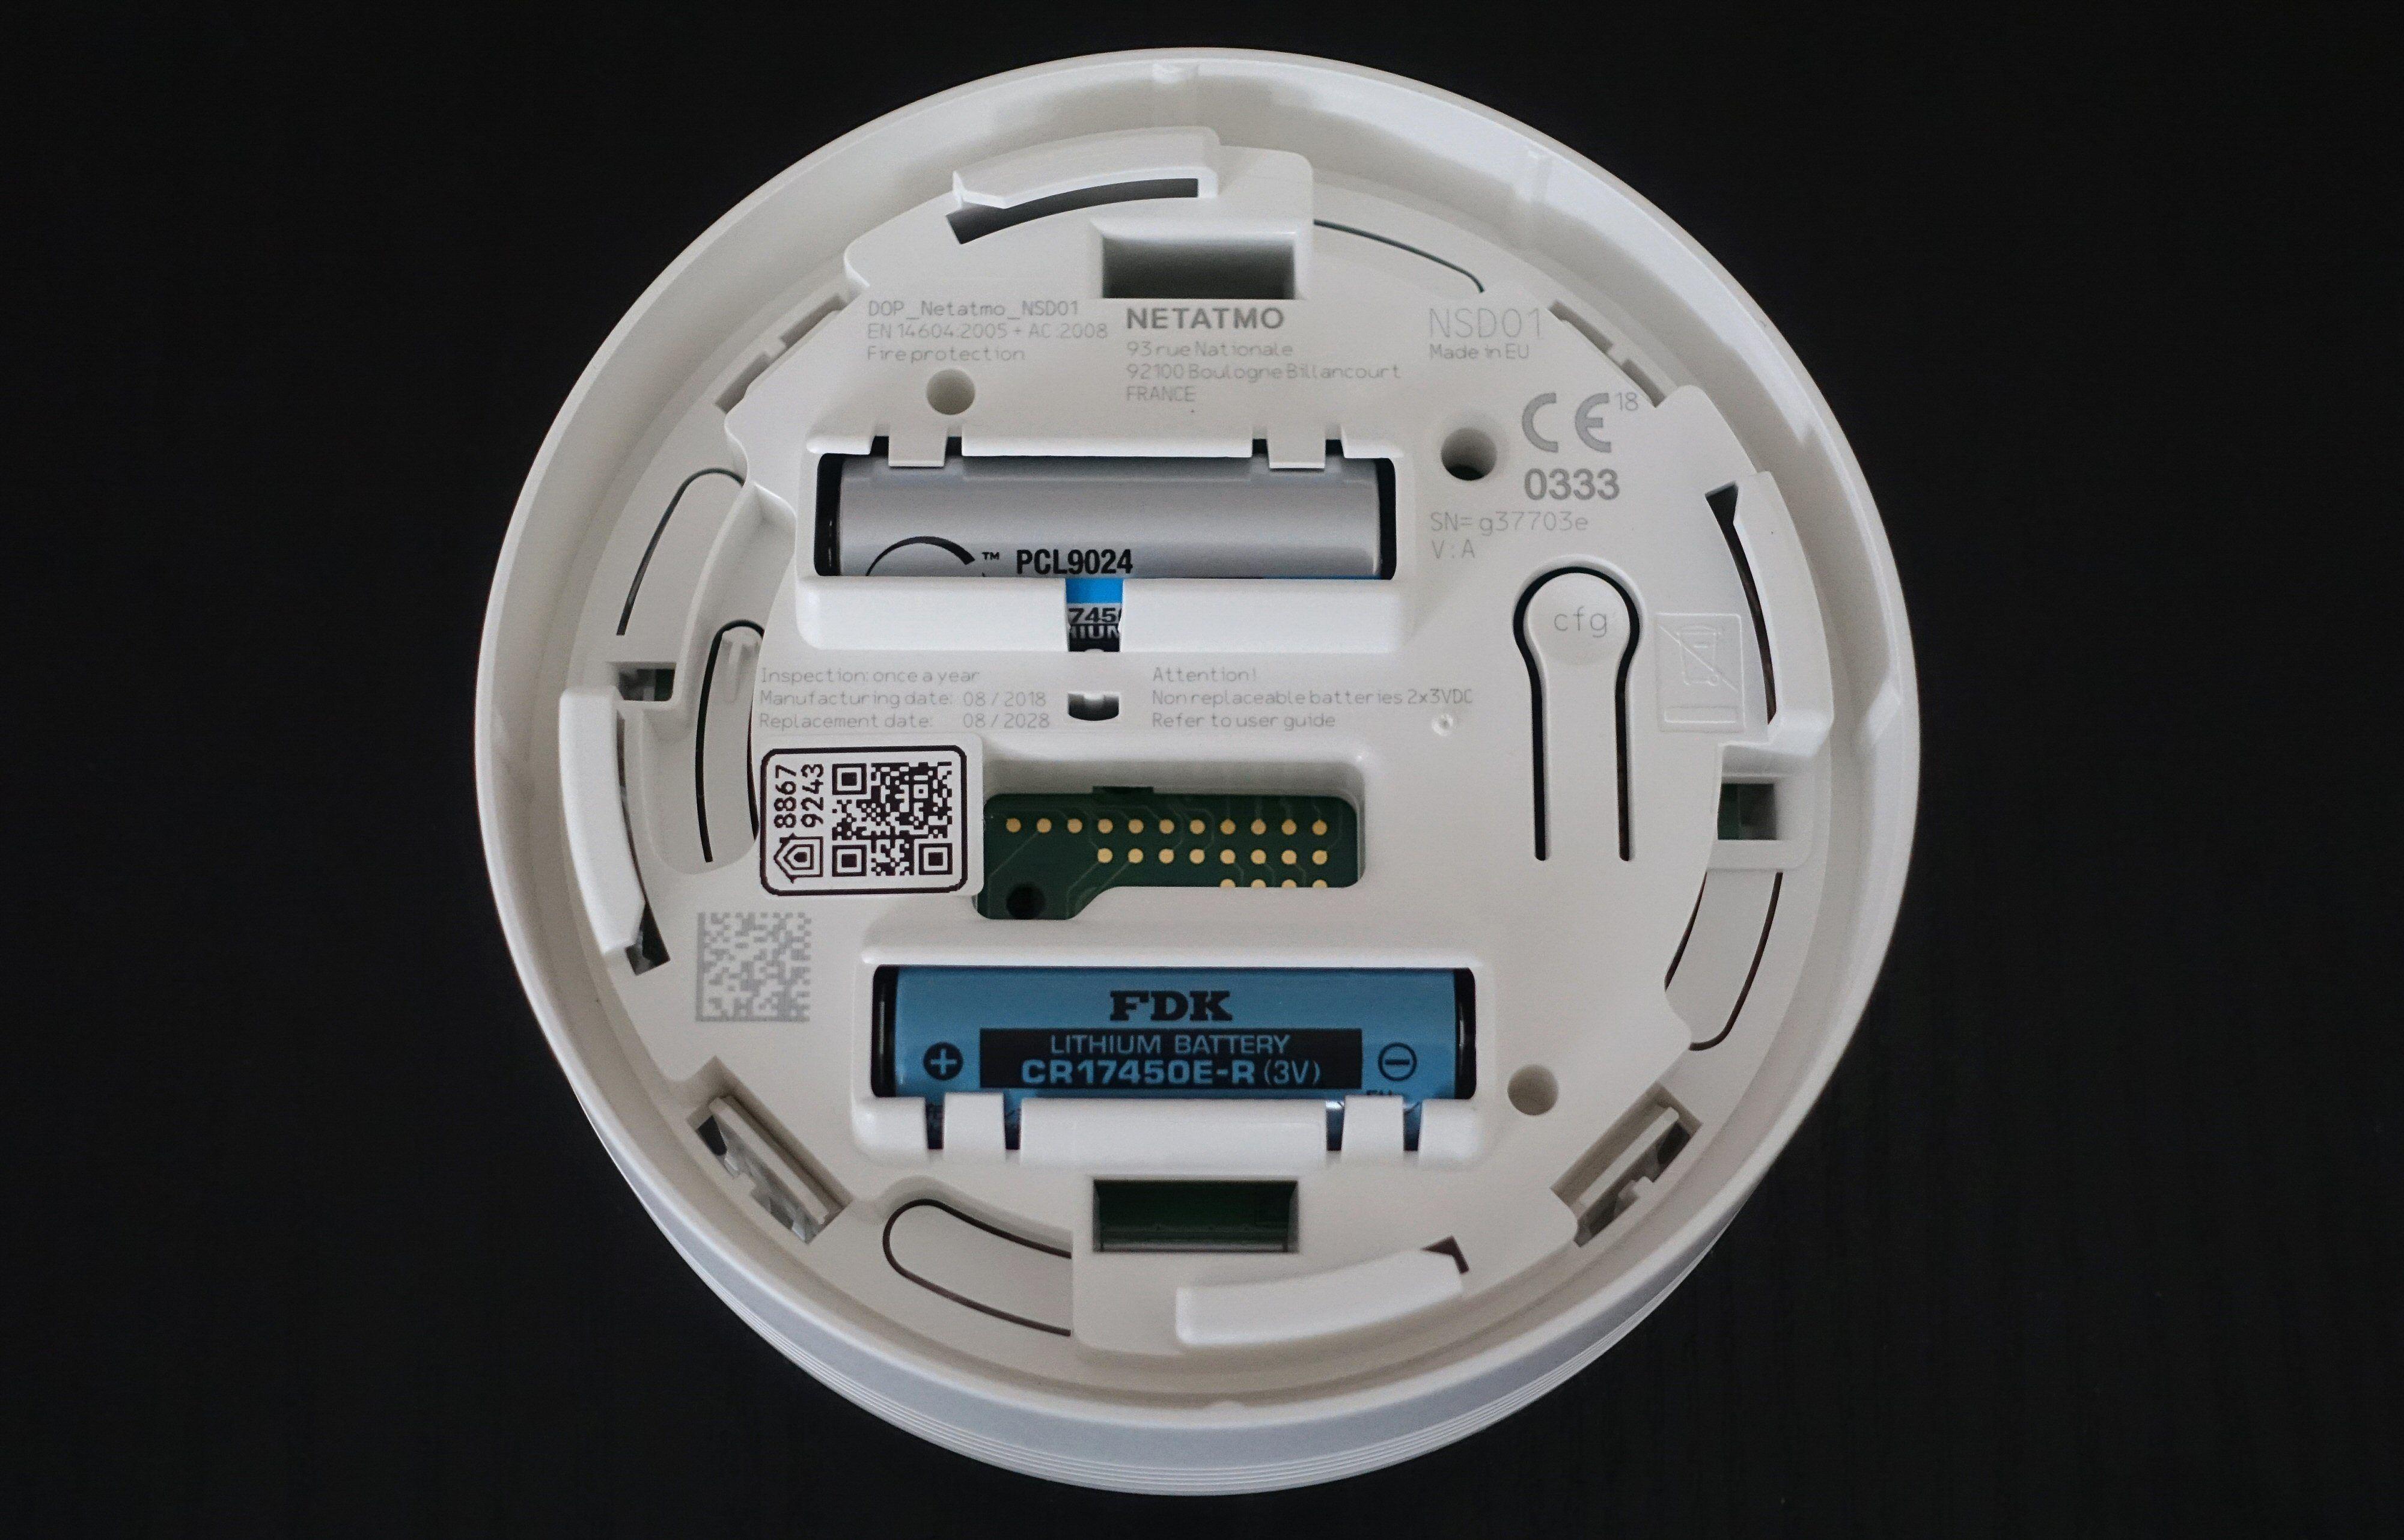 De to batteriene skal holde varsleren i drift i et helt tiår. De er ikke ment å byttes.